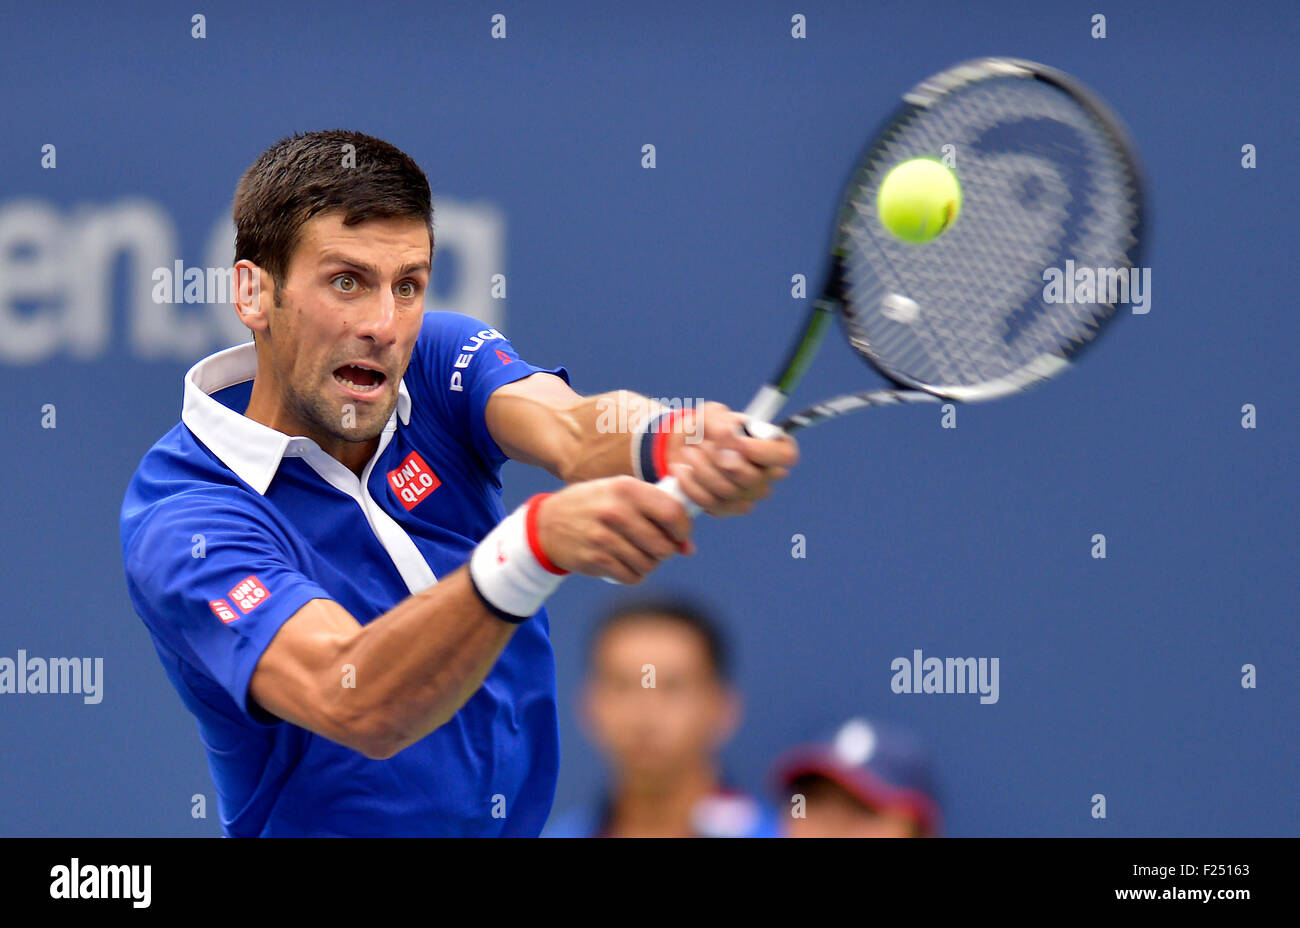 New York, Stati Uniti d'America. Undicesimo Sep, 2015. Novak Djokovic di Serbia restituisce un colpo a Marin Immagini Stock